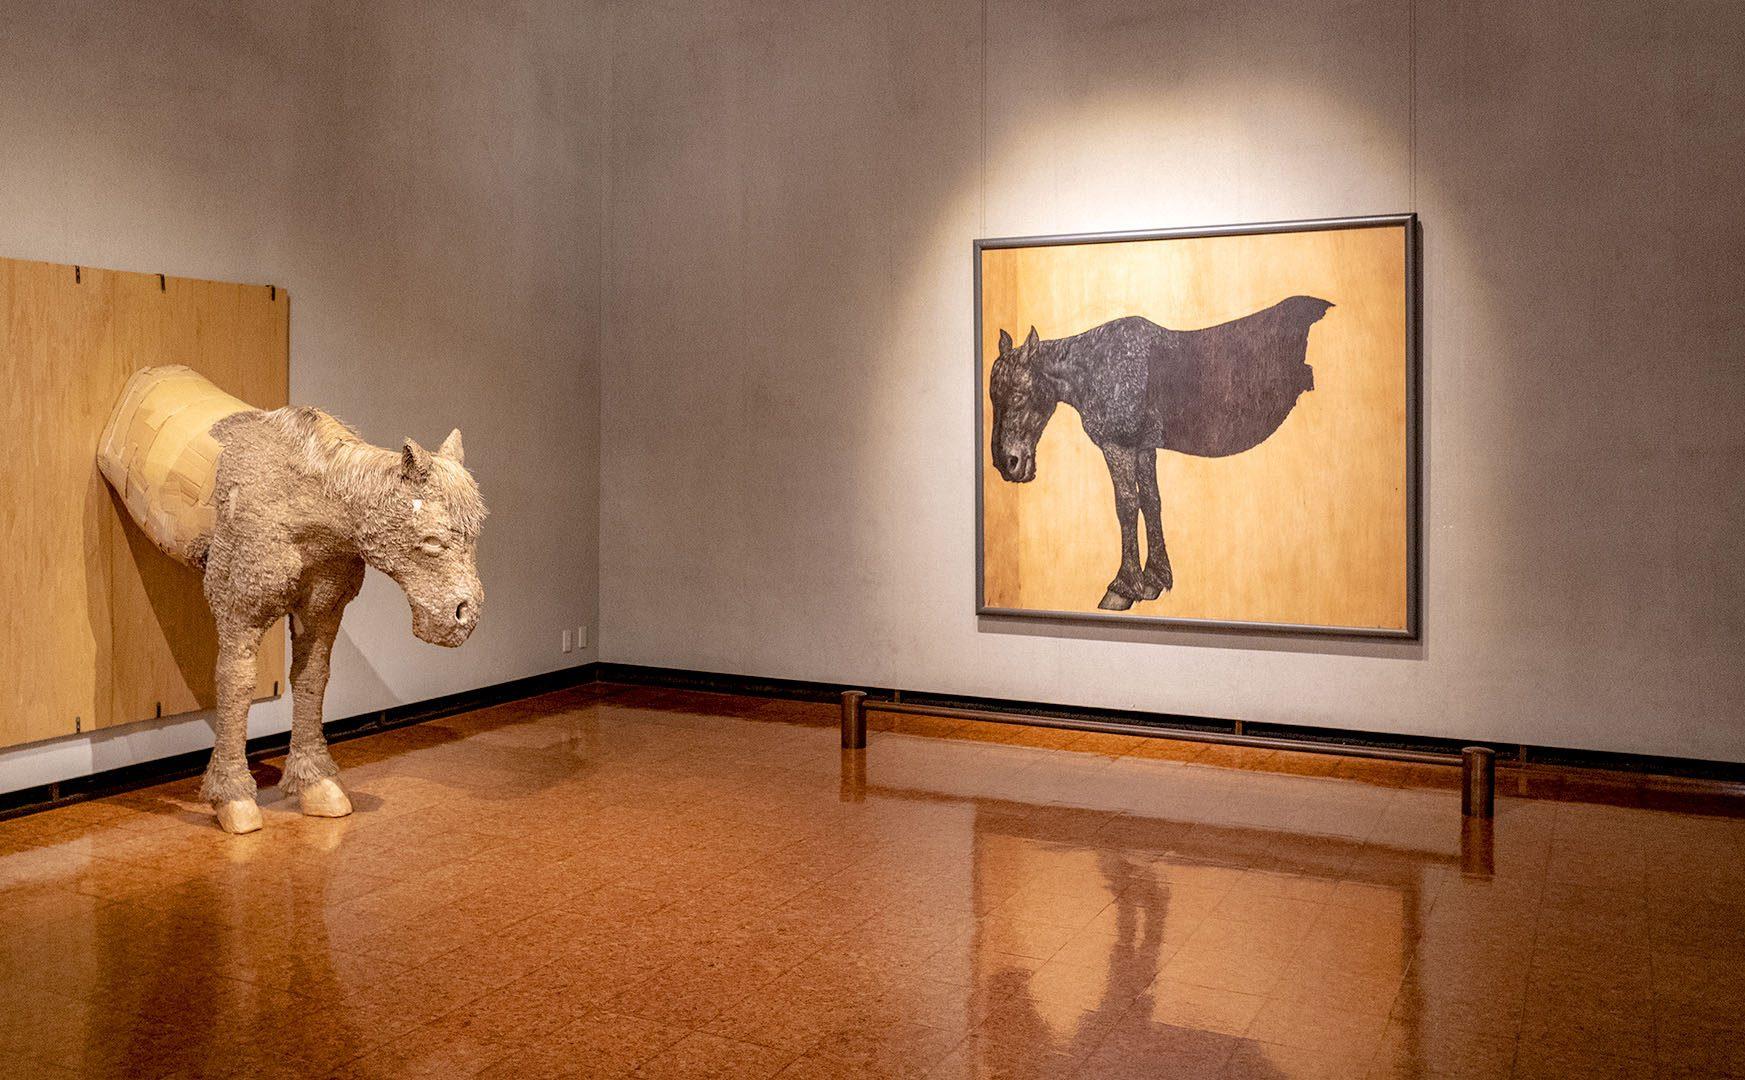 『神田日勝記念美術館』にて、夭折した天才画家・神田日勝の世界に触れる